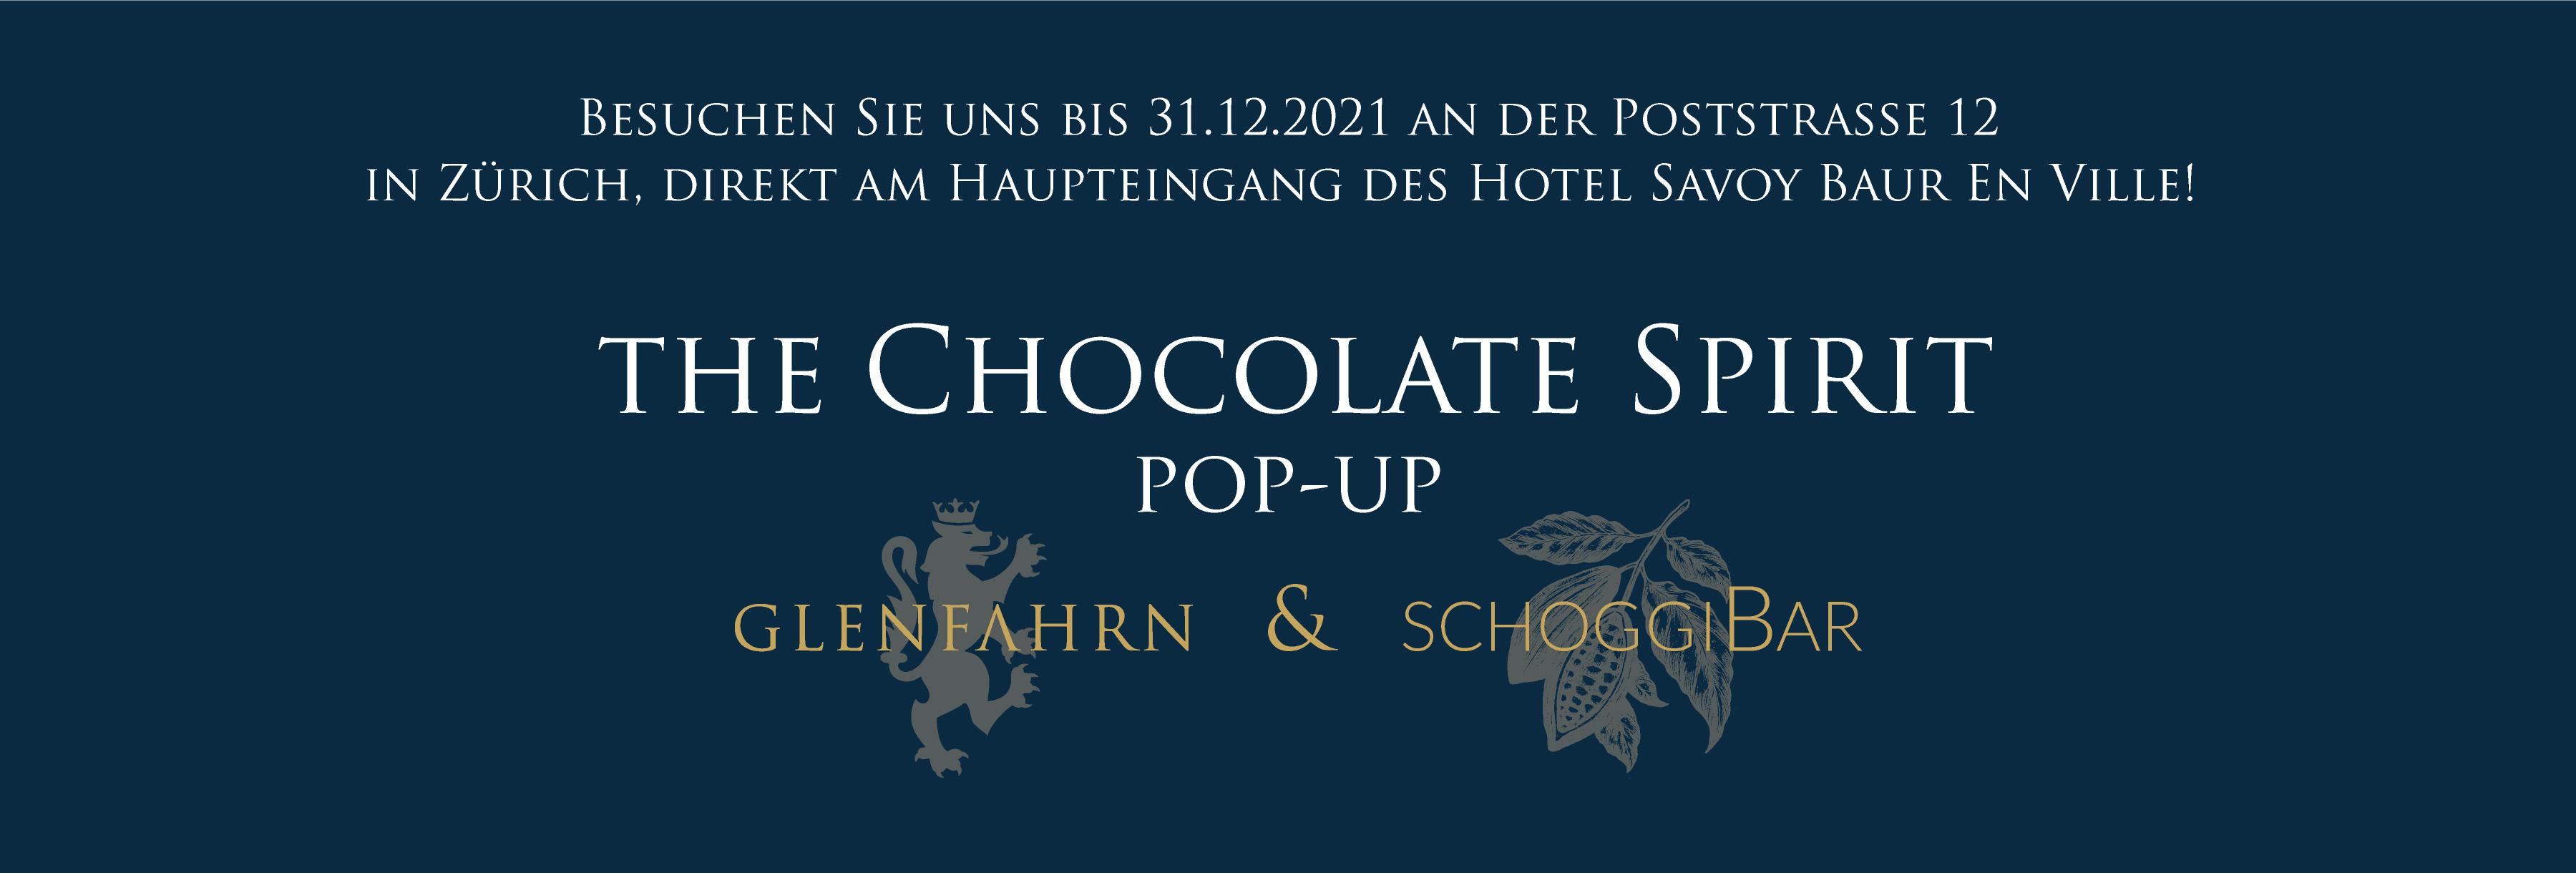 Glen Fahrn the Chocolate Spirit Pop-up Zürich schoggiBar Savoy Baur En Ville Whisky Schokolade Rum Gin Grappa Cognac Vodka